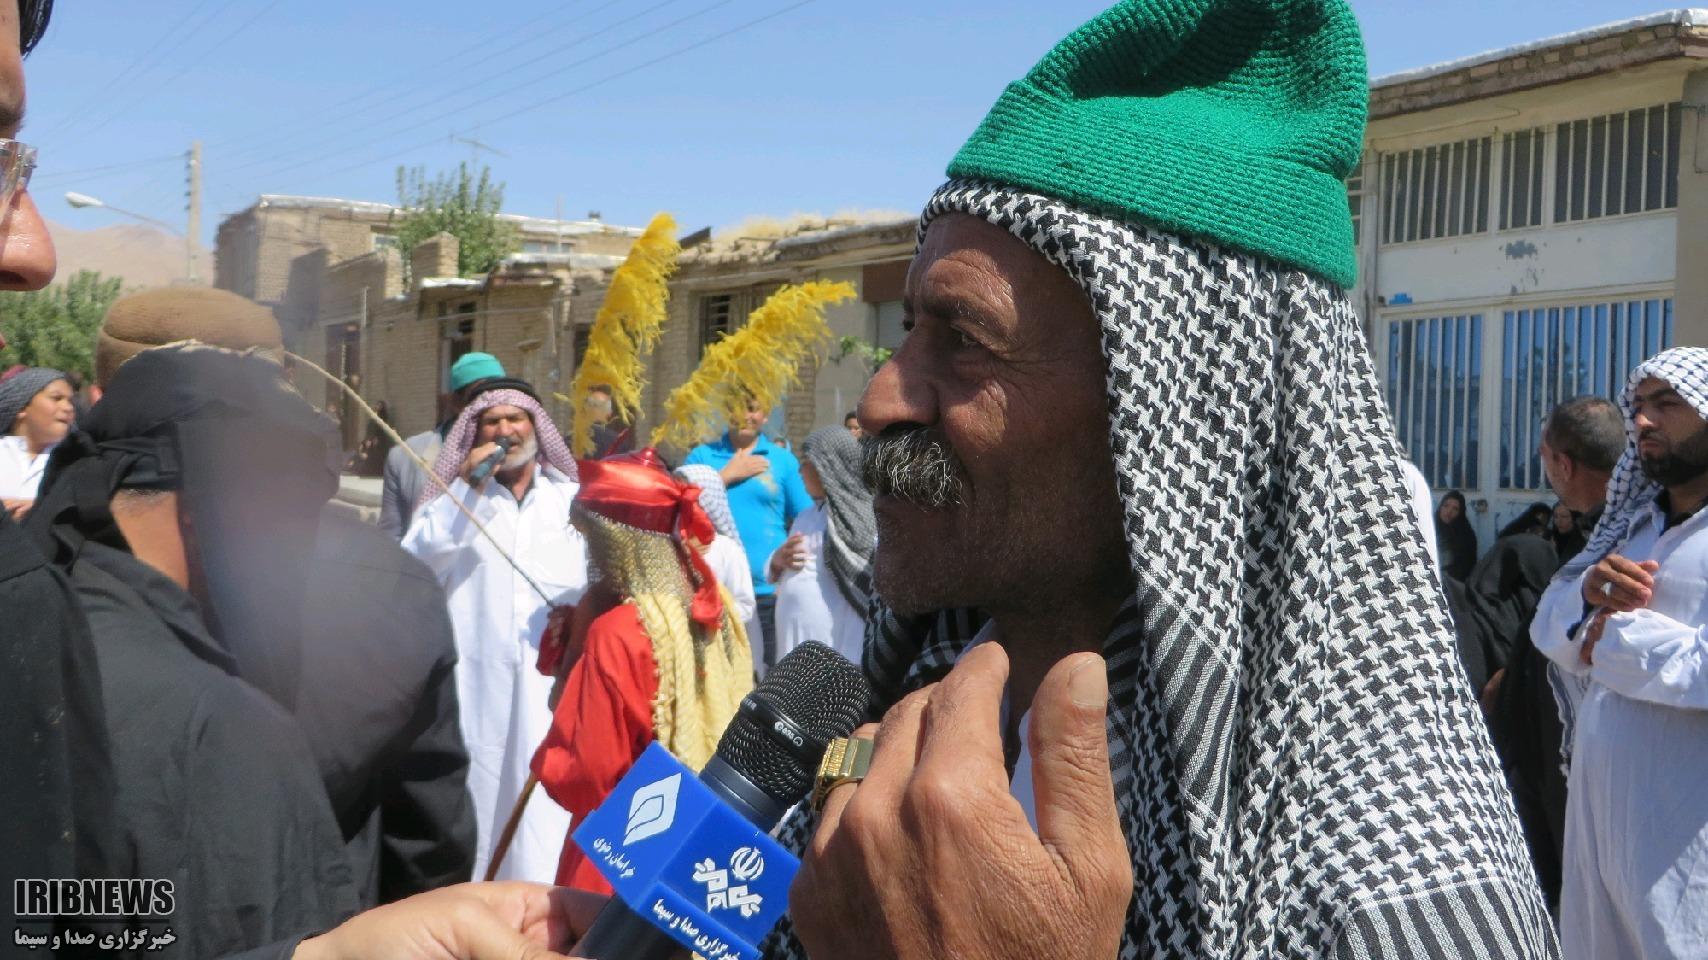 آئین سنتی قبیله بنی اسد در بایگ